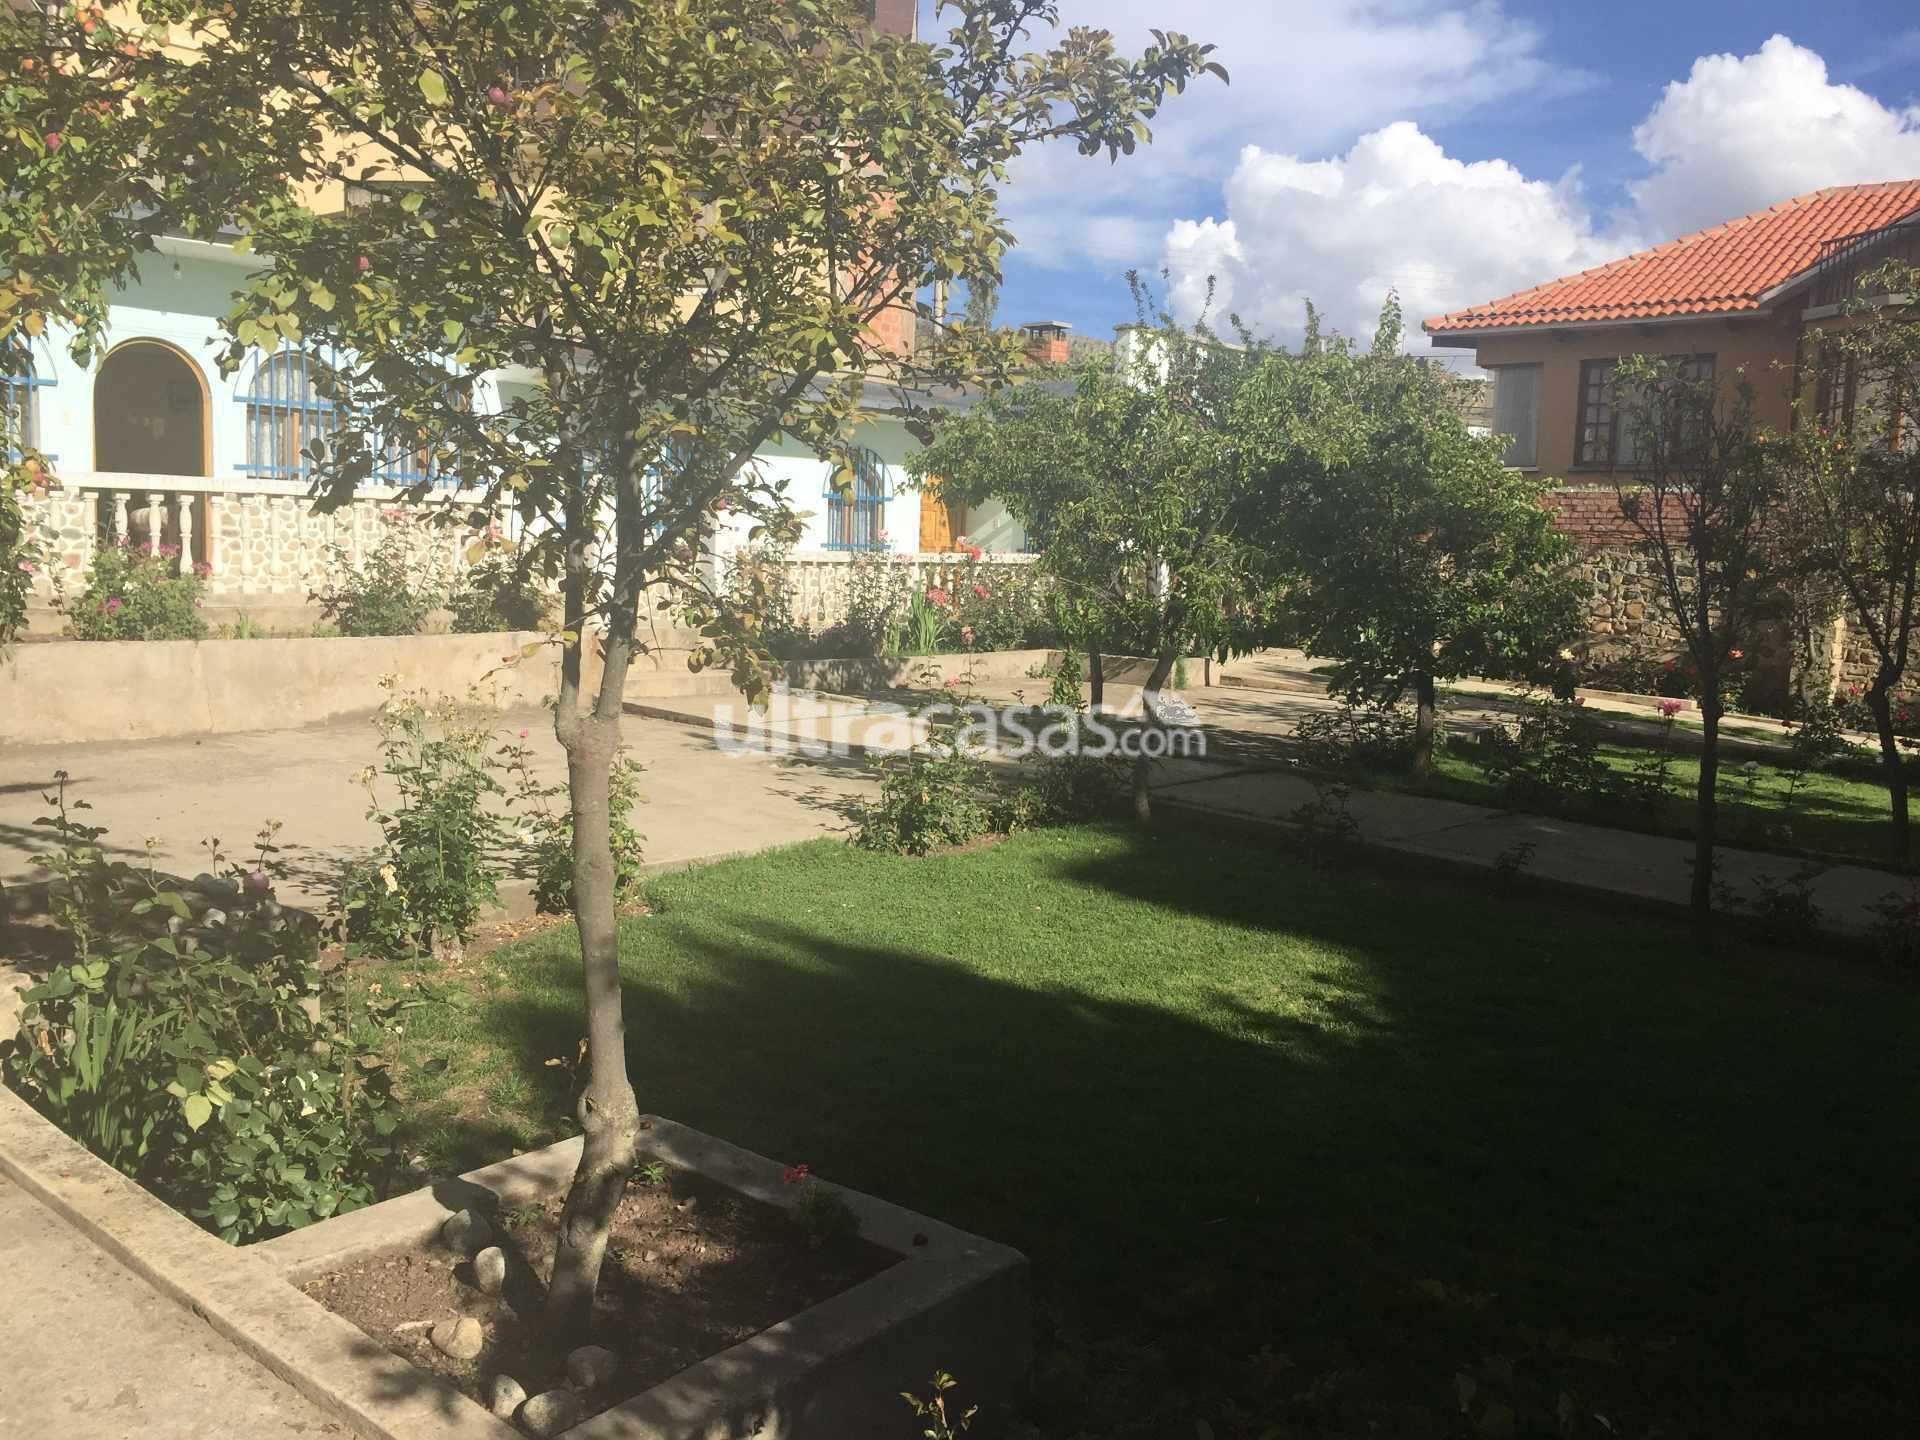 Casa en Venta Bonita casa, amplio jardín con árboles frutales, terreno 540m2 ideal para construcción. Foto 3